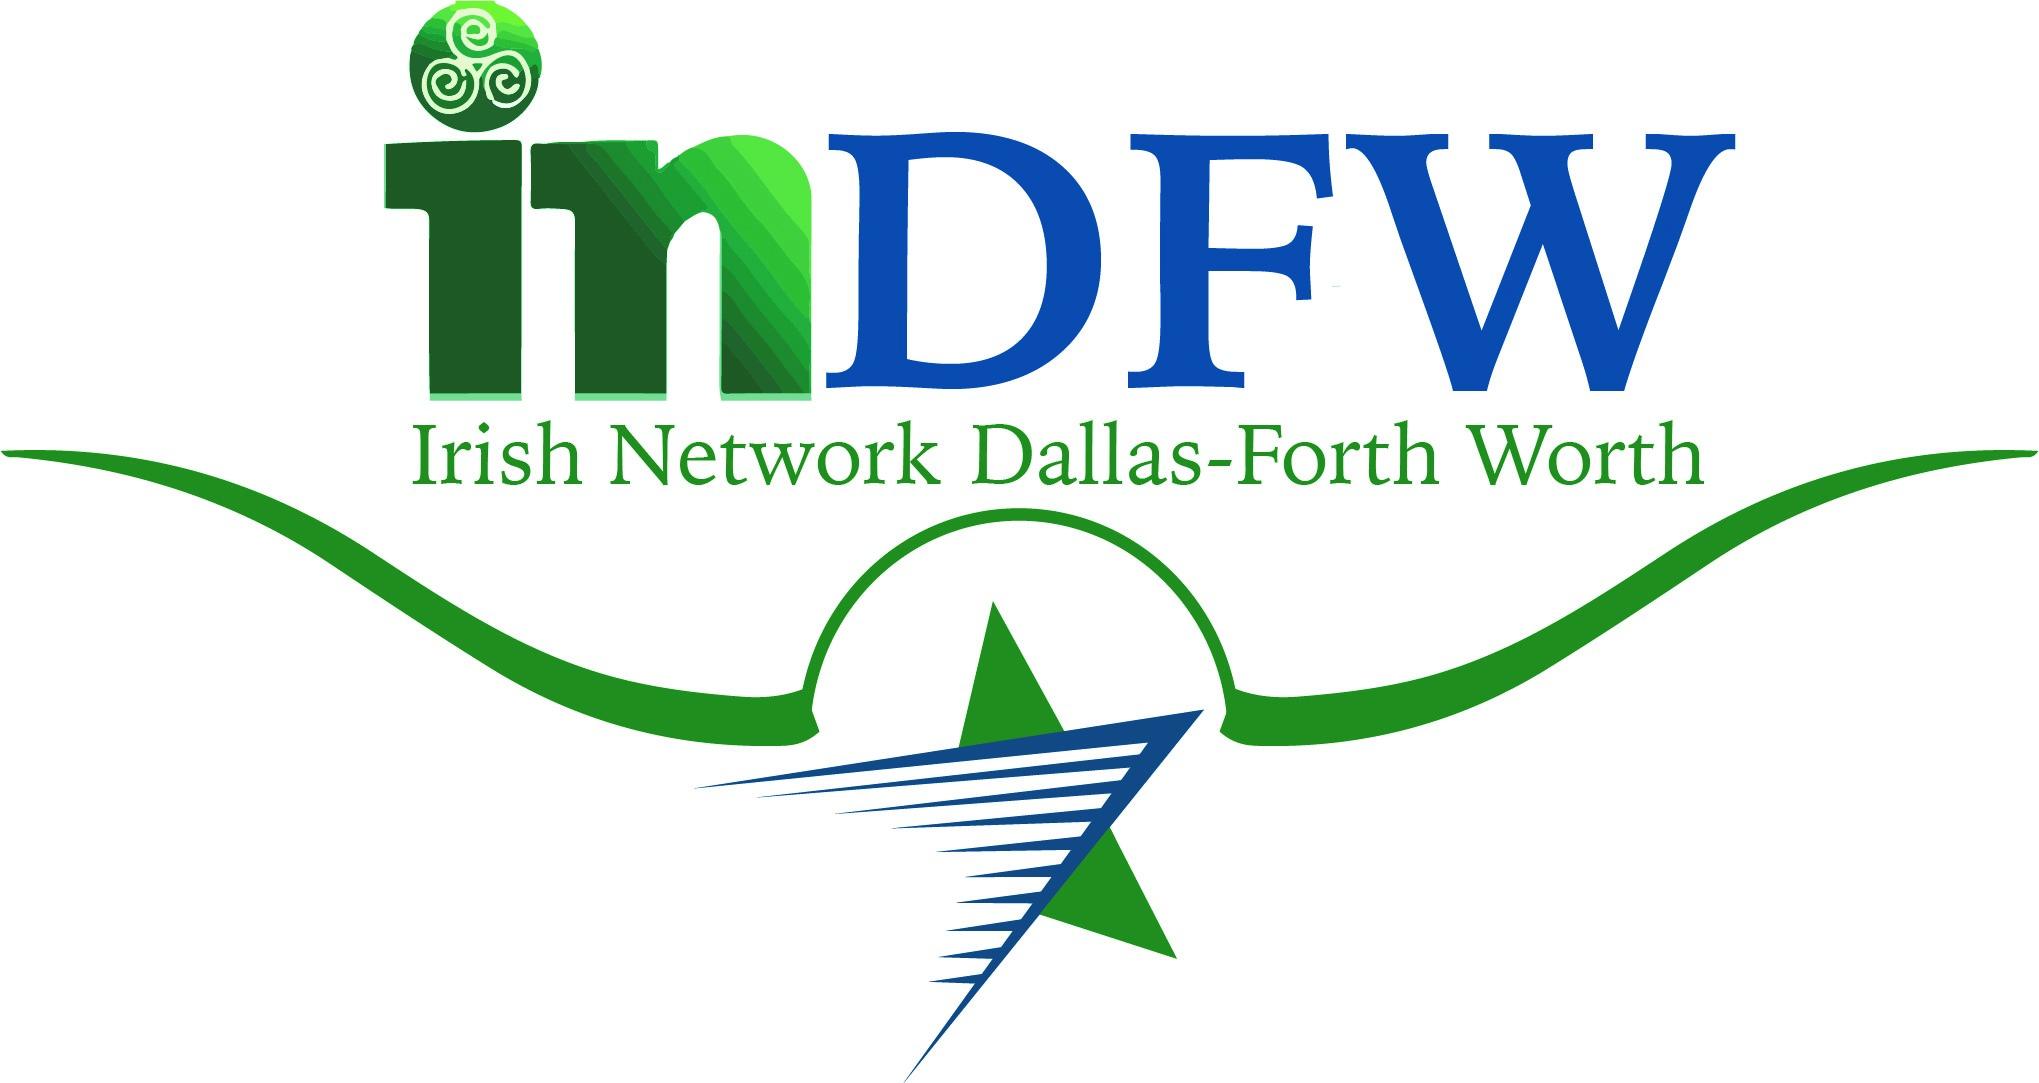 Irish Network